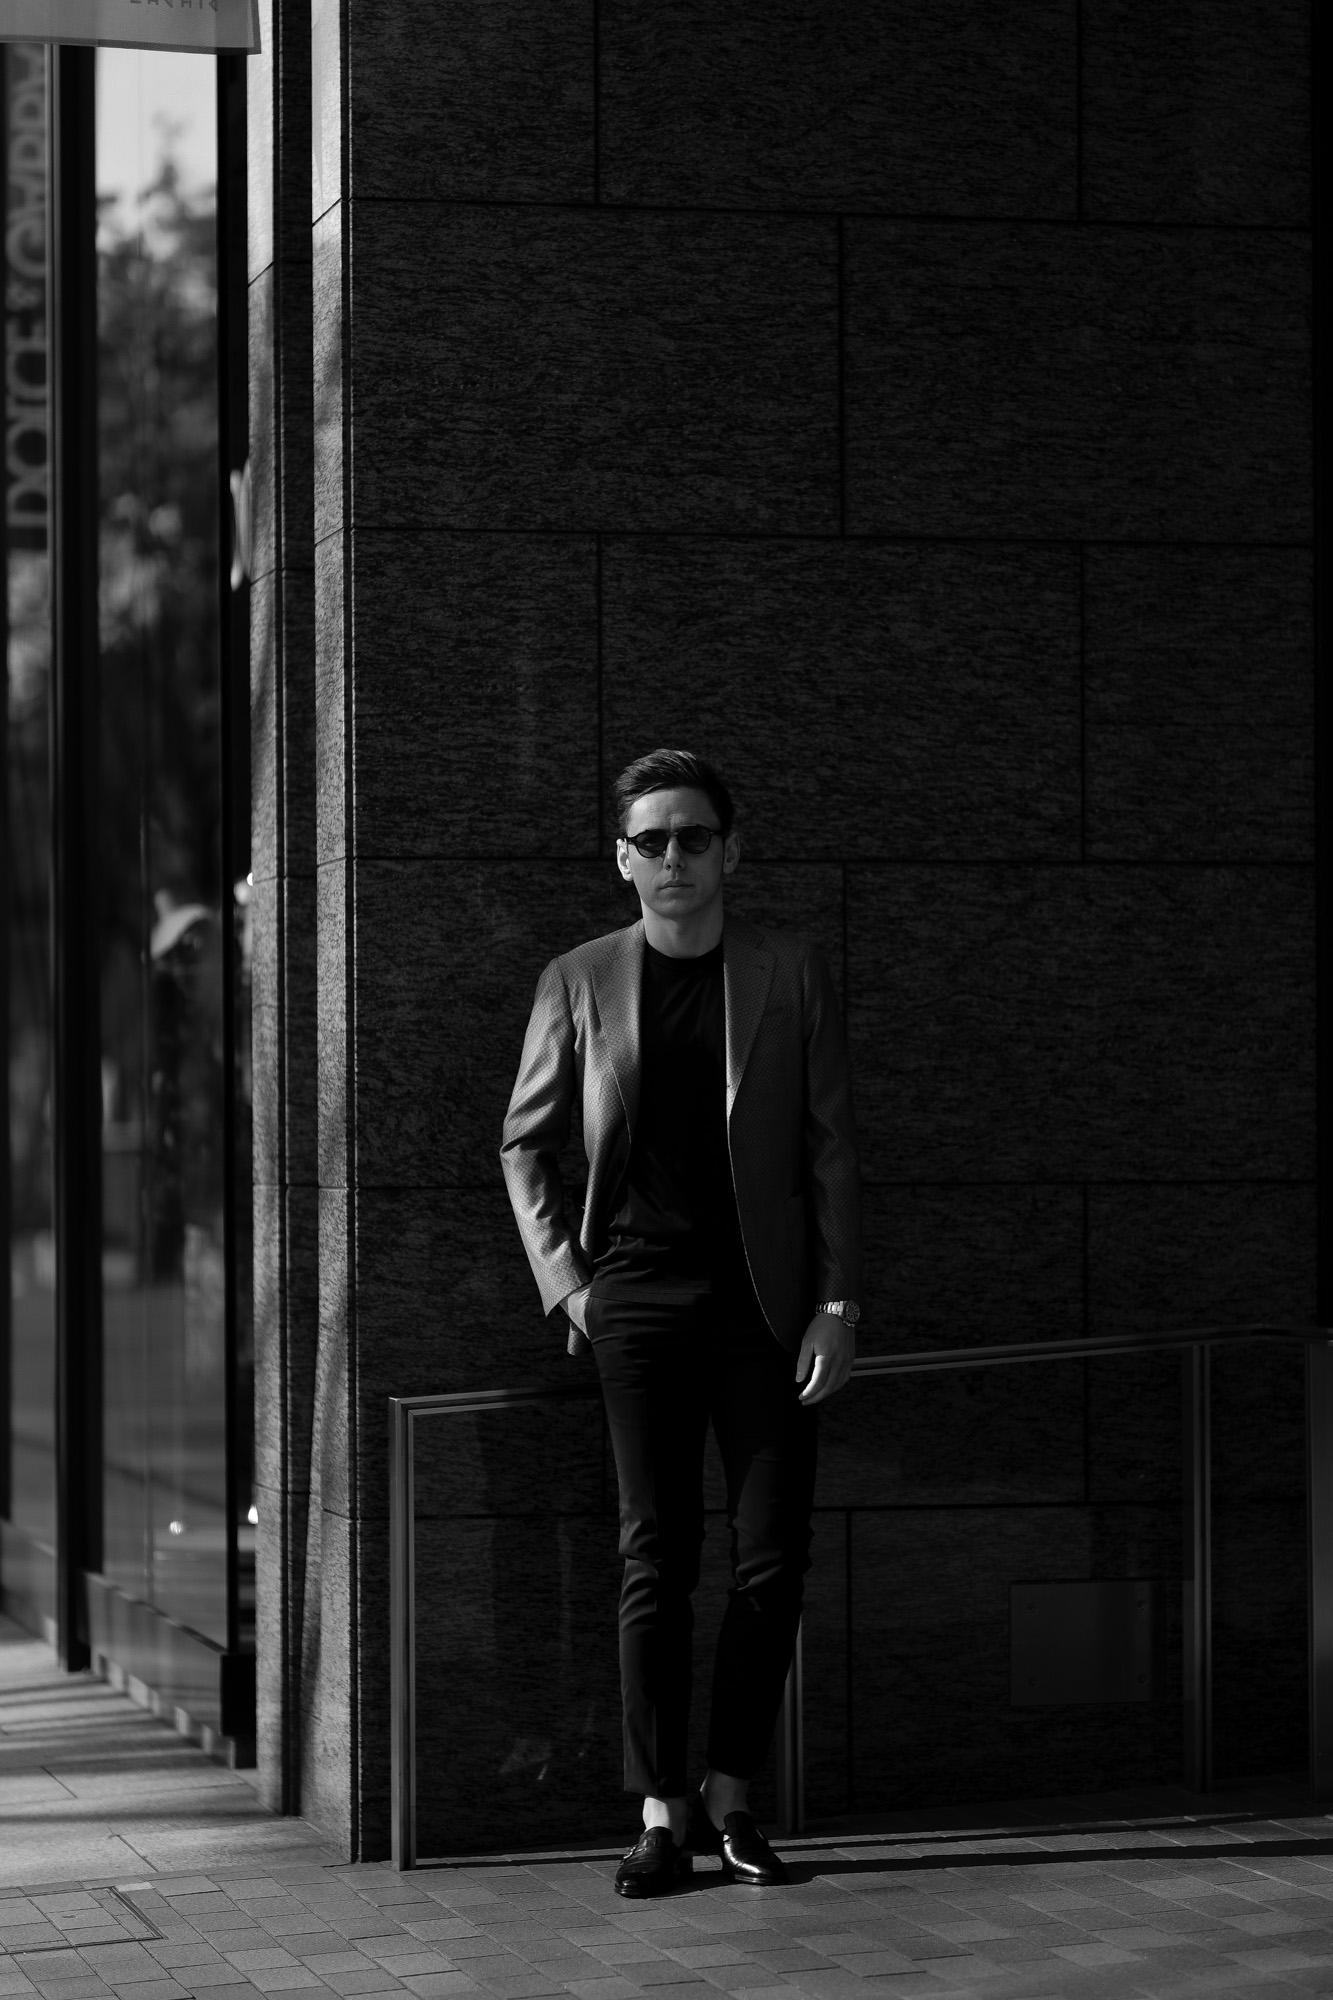 cuervo bopoha (クエルボ ヴァローナ) Sartoria Collection (サルトリア コレクション) Lobb (ロブ) Dominique France (ドミニック フランス) LORRAINE NANCY III (ロレーヌナンシー トロワ) EXCELLENT WOOL × SILK ウールシルク サマージャケット GRAY (グレー) MADE IN JAPAN (日本製) 2020 【Special Special Special Model】ドミニックフランス ドミニクフランス ジャケット 超絶ブランド ドミニクフランス ネクタイ 高級 フランス 愛知 名古屋 altoediritto アルトエデリット